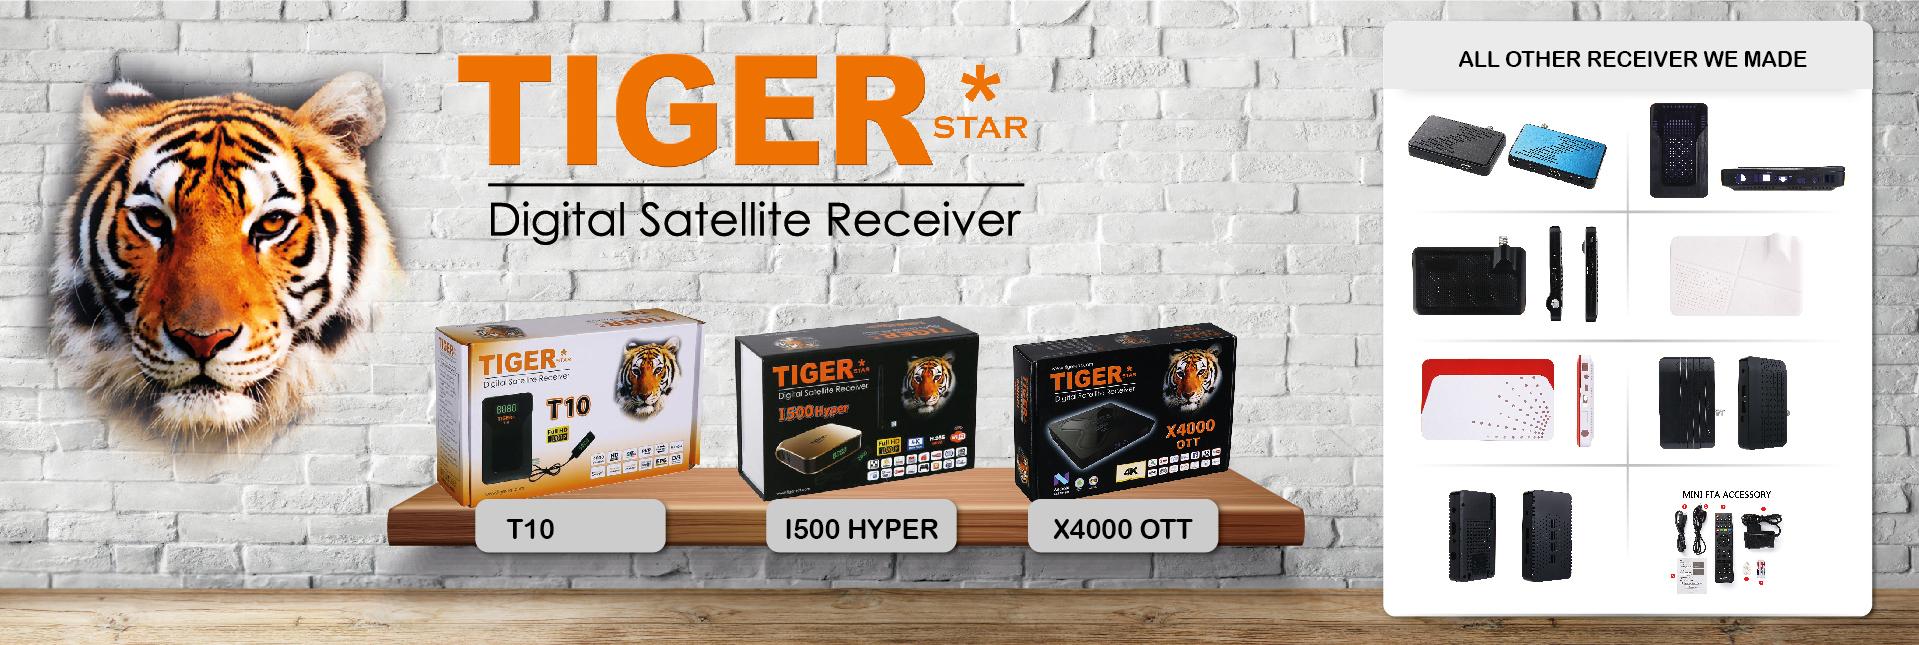 Digital Satellite Receiver_TIGER SMART DIGITAL SATELLITE RECEIVER